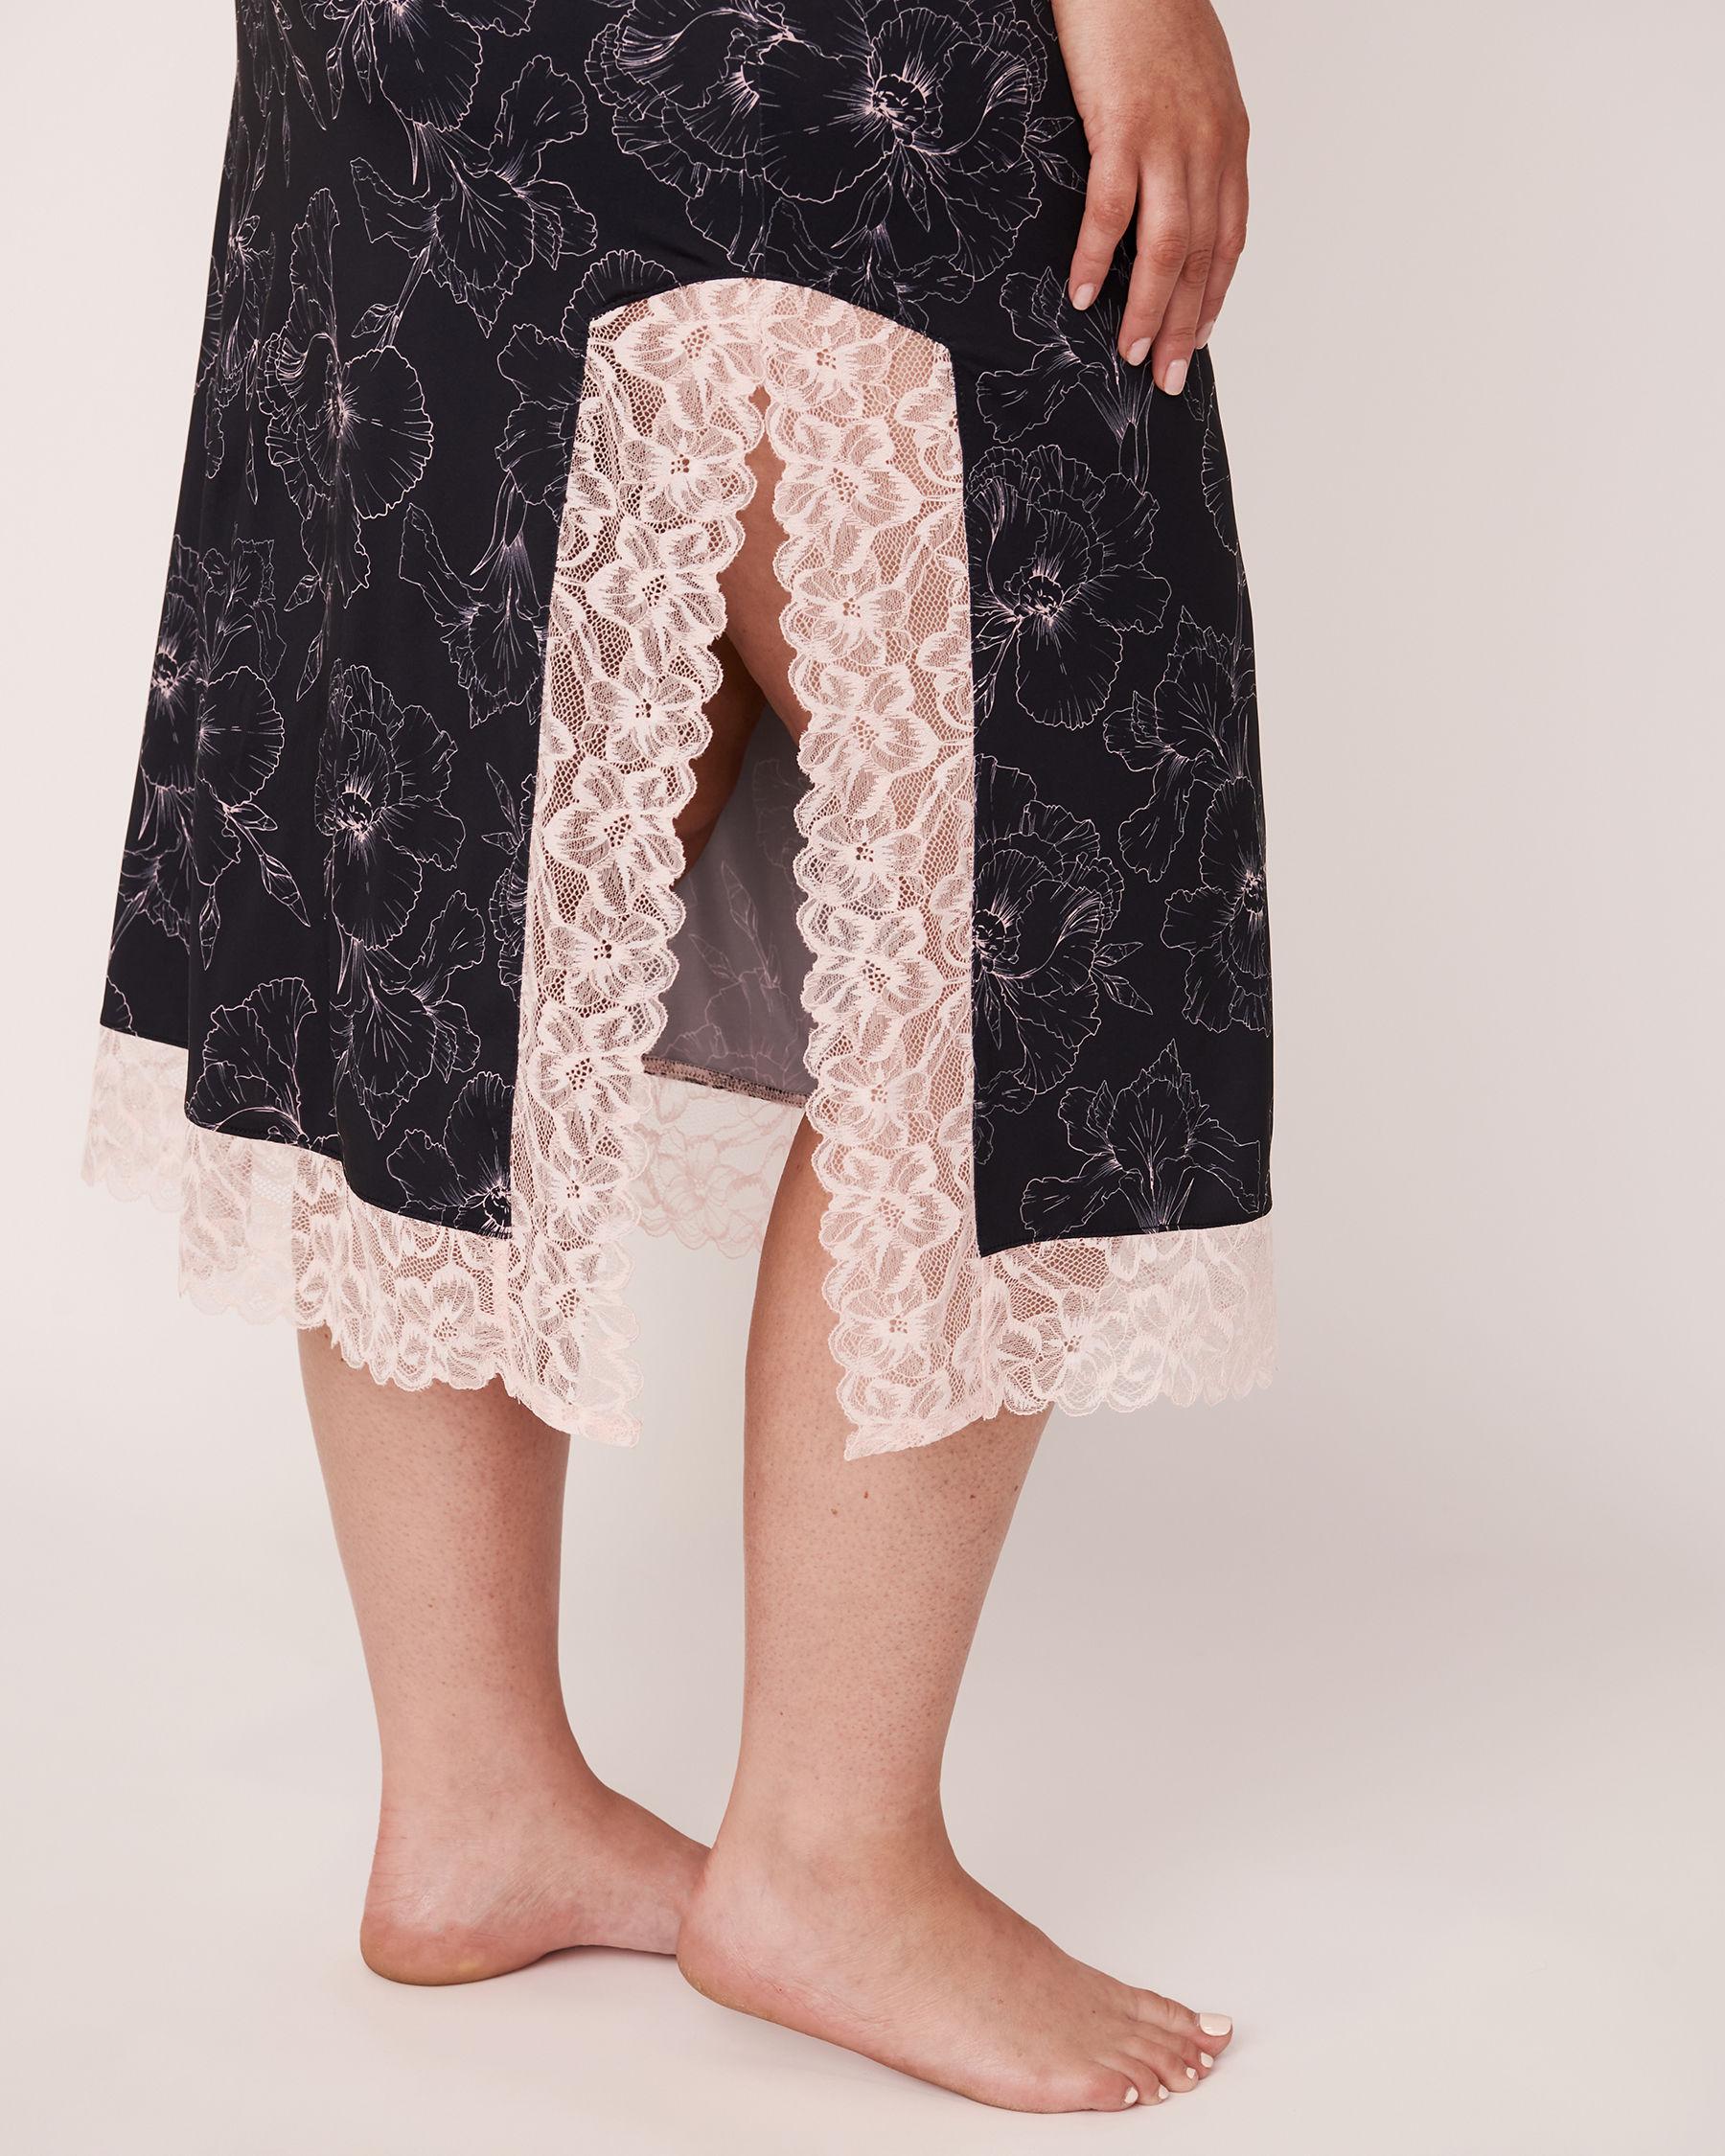 LA VIE EN ROSE Recycled Fibers Lace Trim Mid-length Nightie Black flower 40500059 - View3